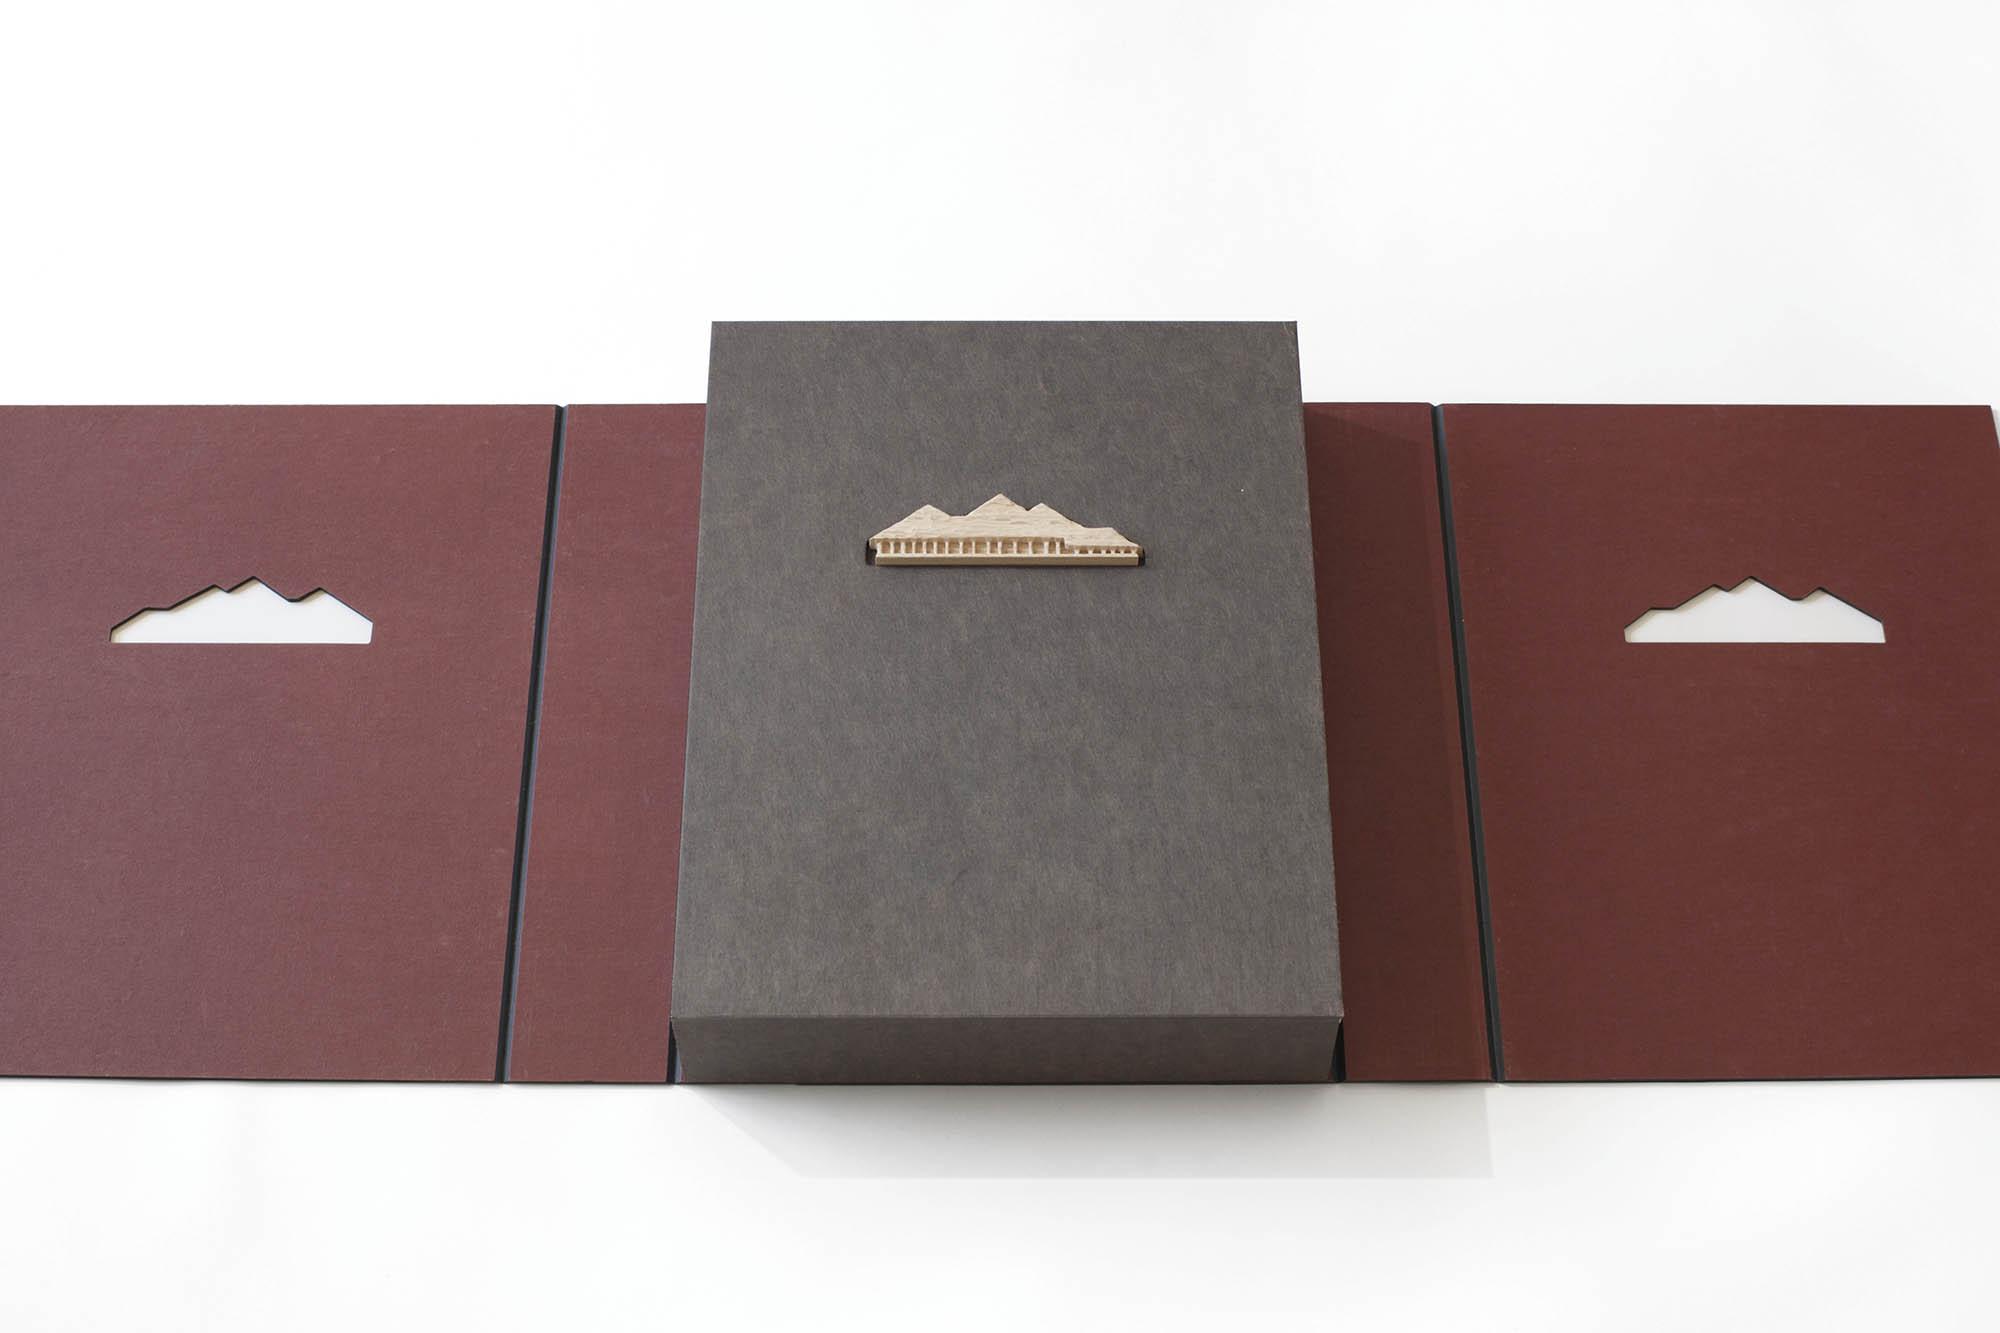 藤森照信作品集 La Collina2017 函 展開2